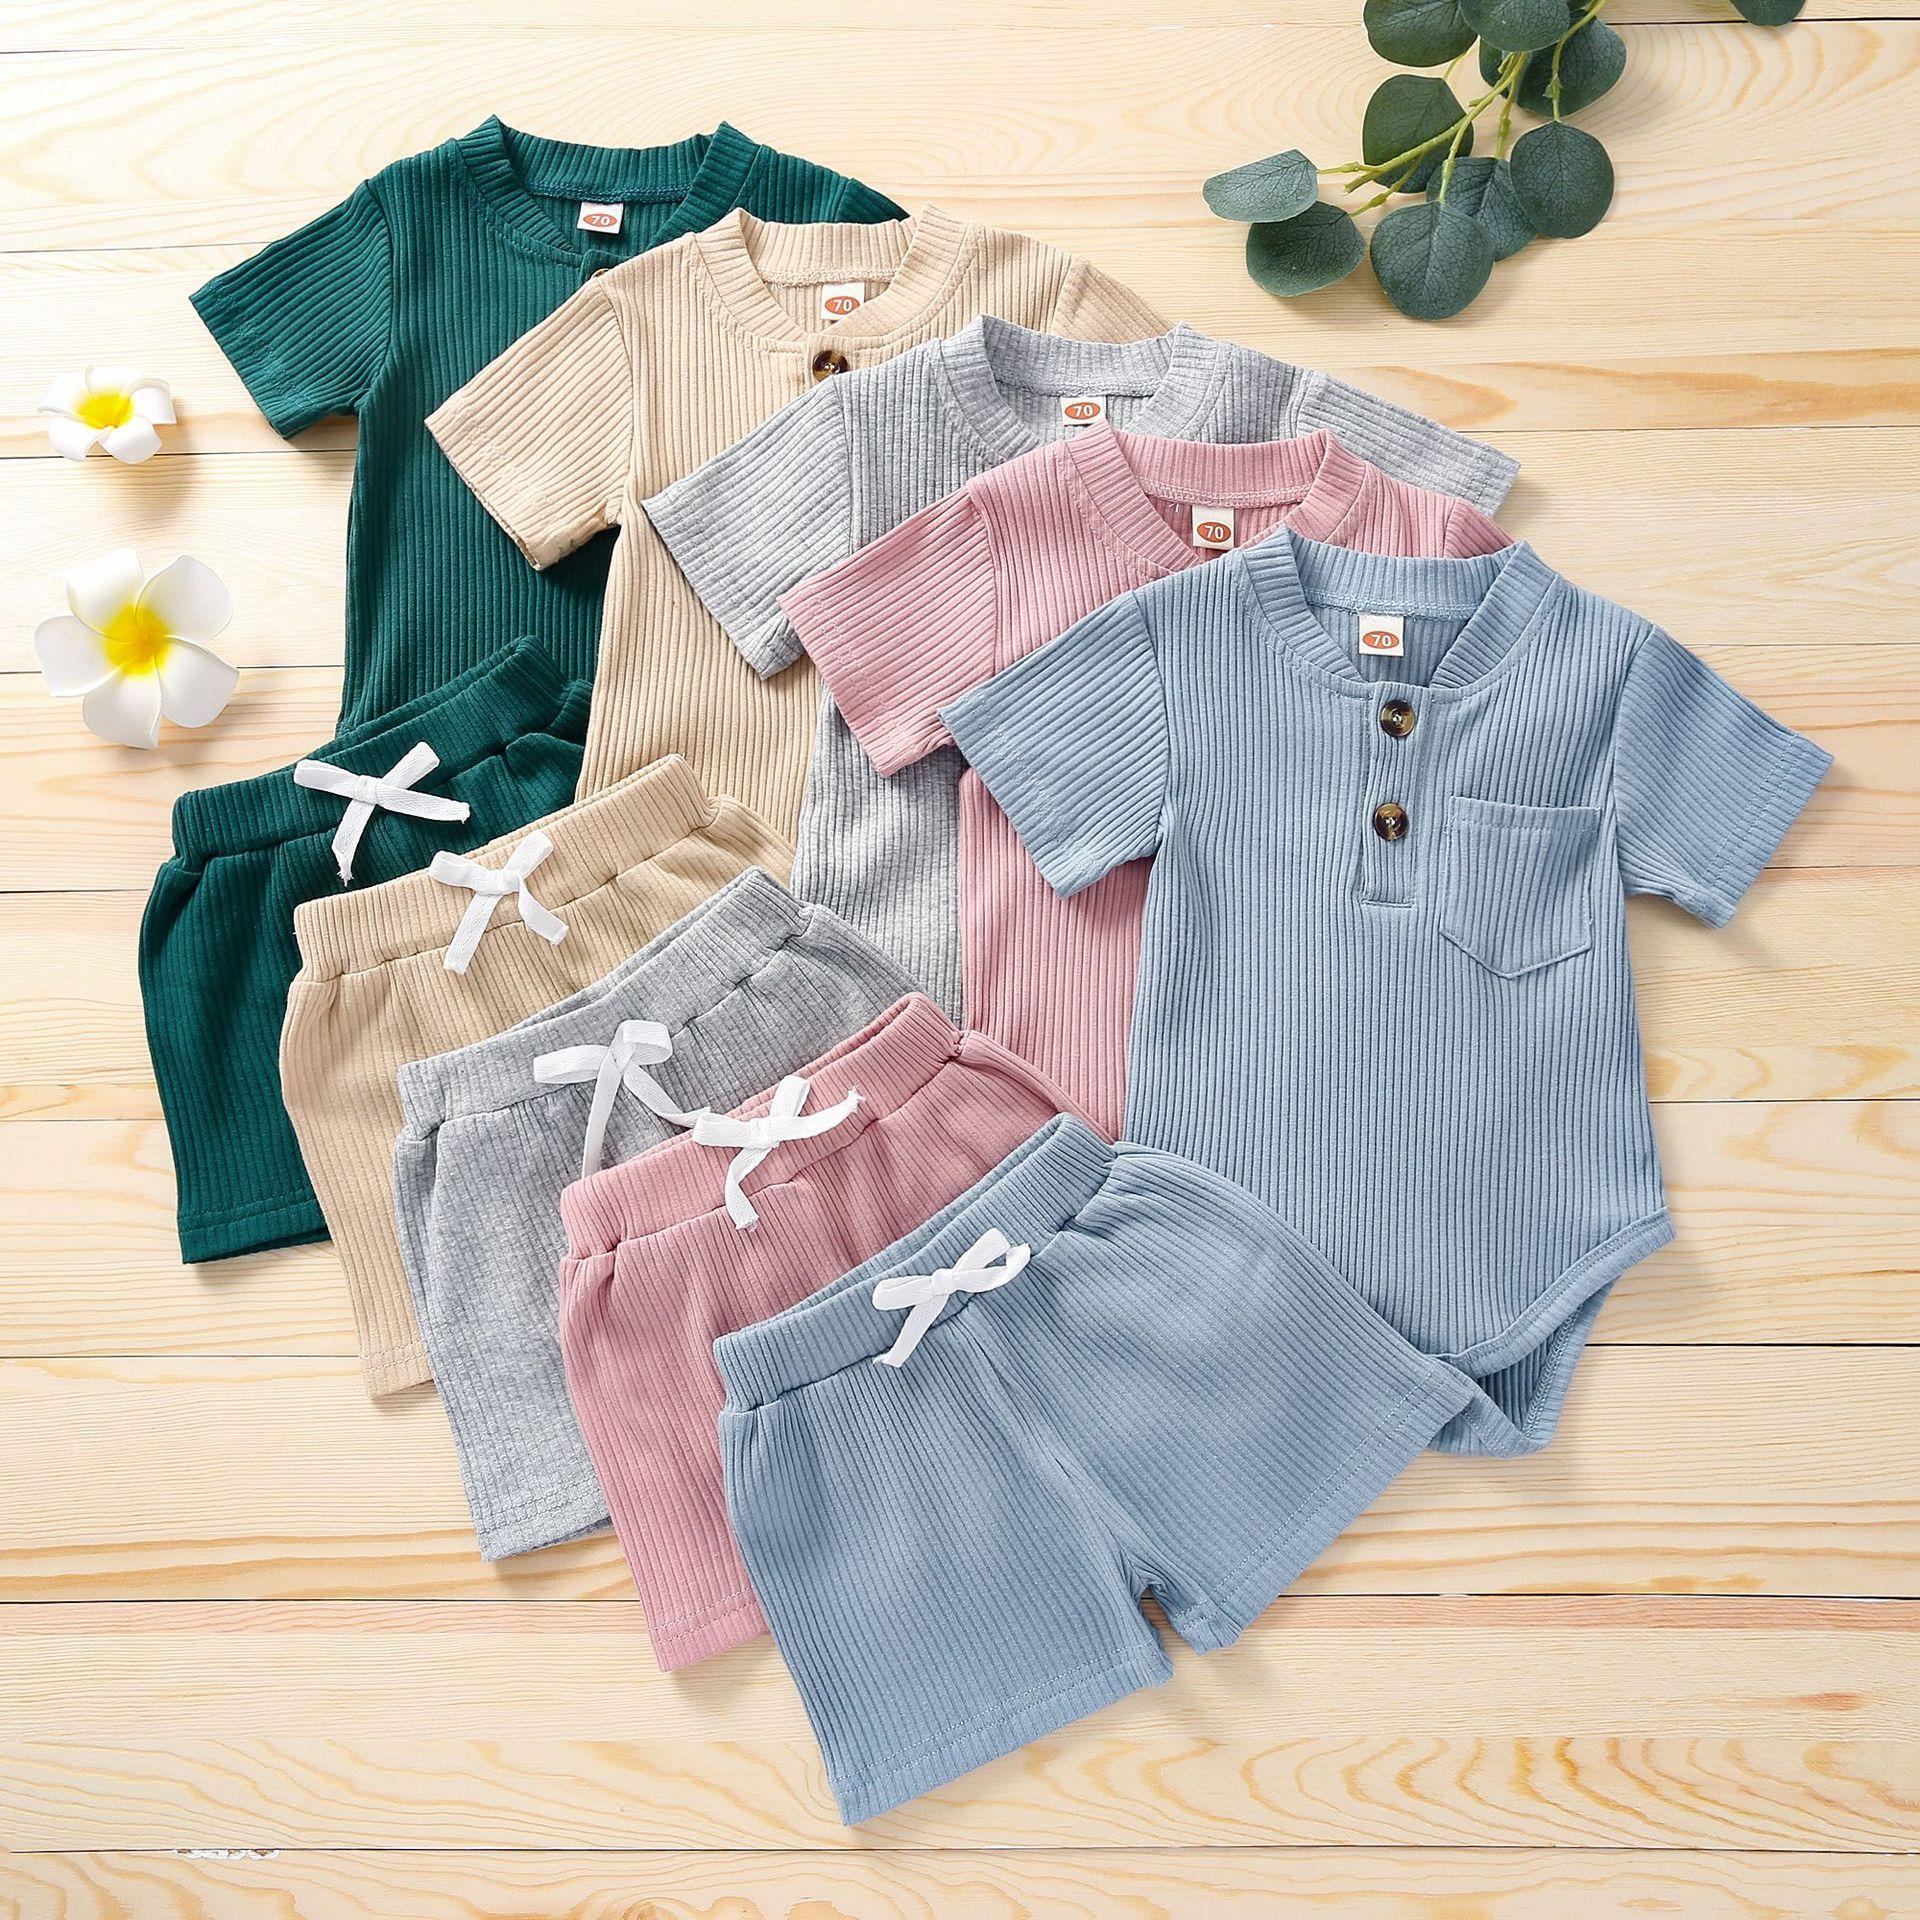 Baby Junge Mädchen Kleidung Kleidung Set Tasche Strampler Shorts 2 Stücke Kurzarm Jumpsuit Anzug Tragen Sommer Solide Farbe Outfit Pyjamas Boutique